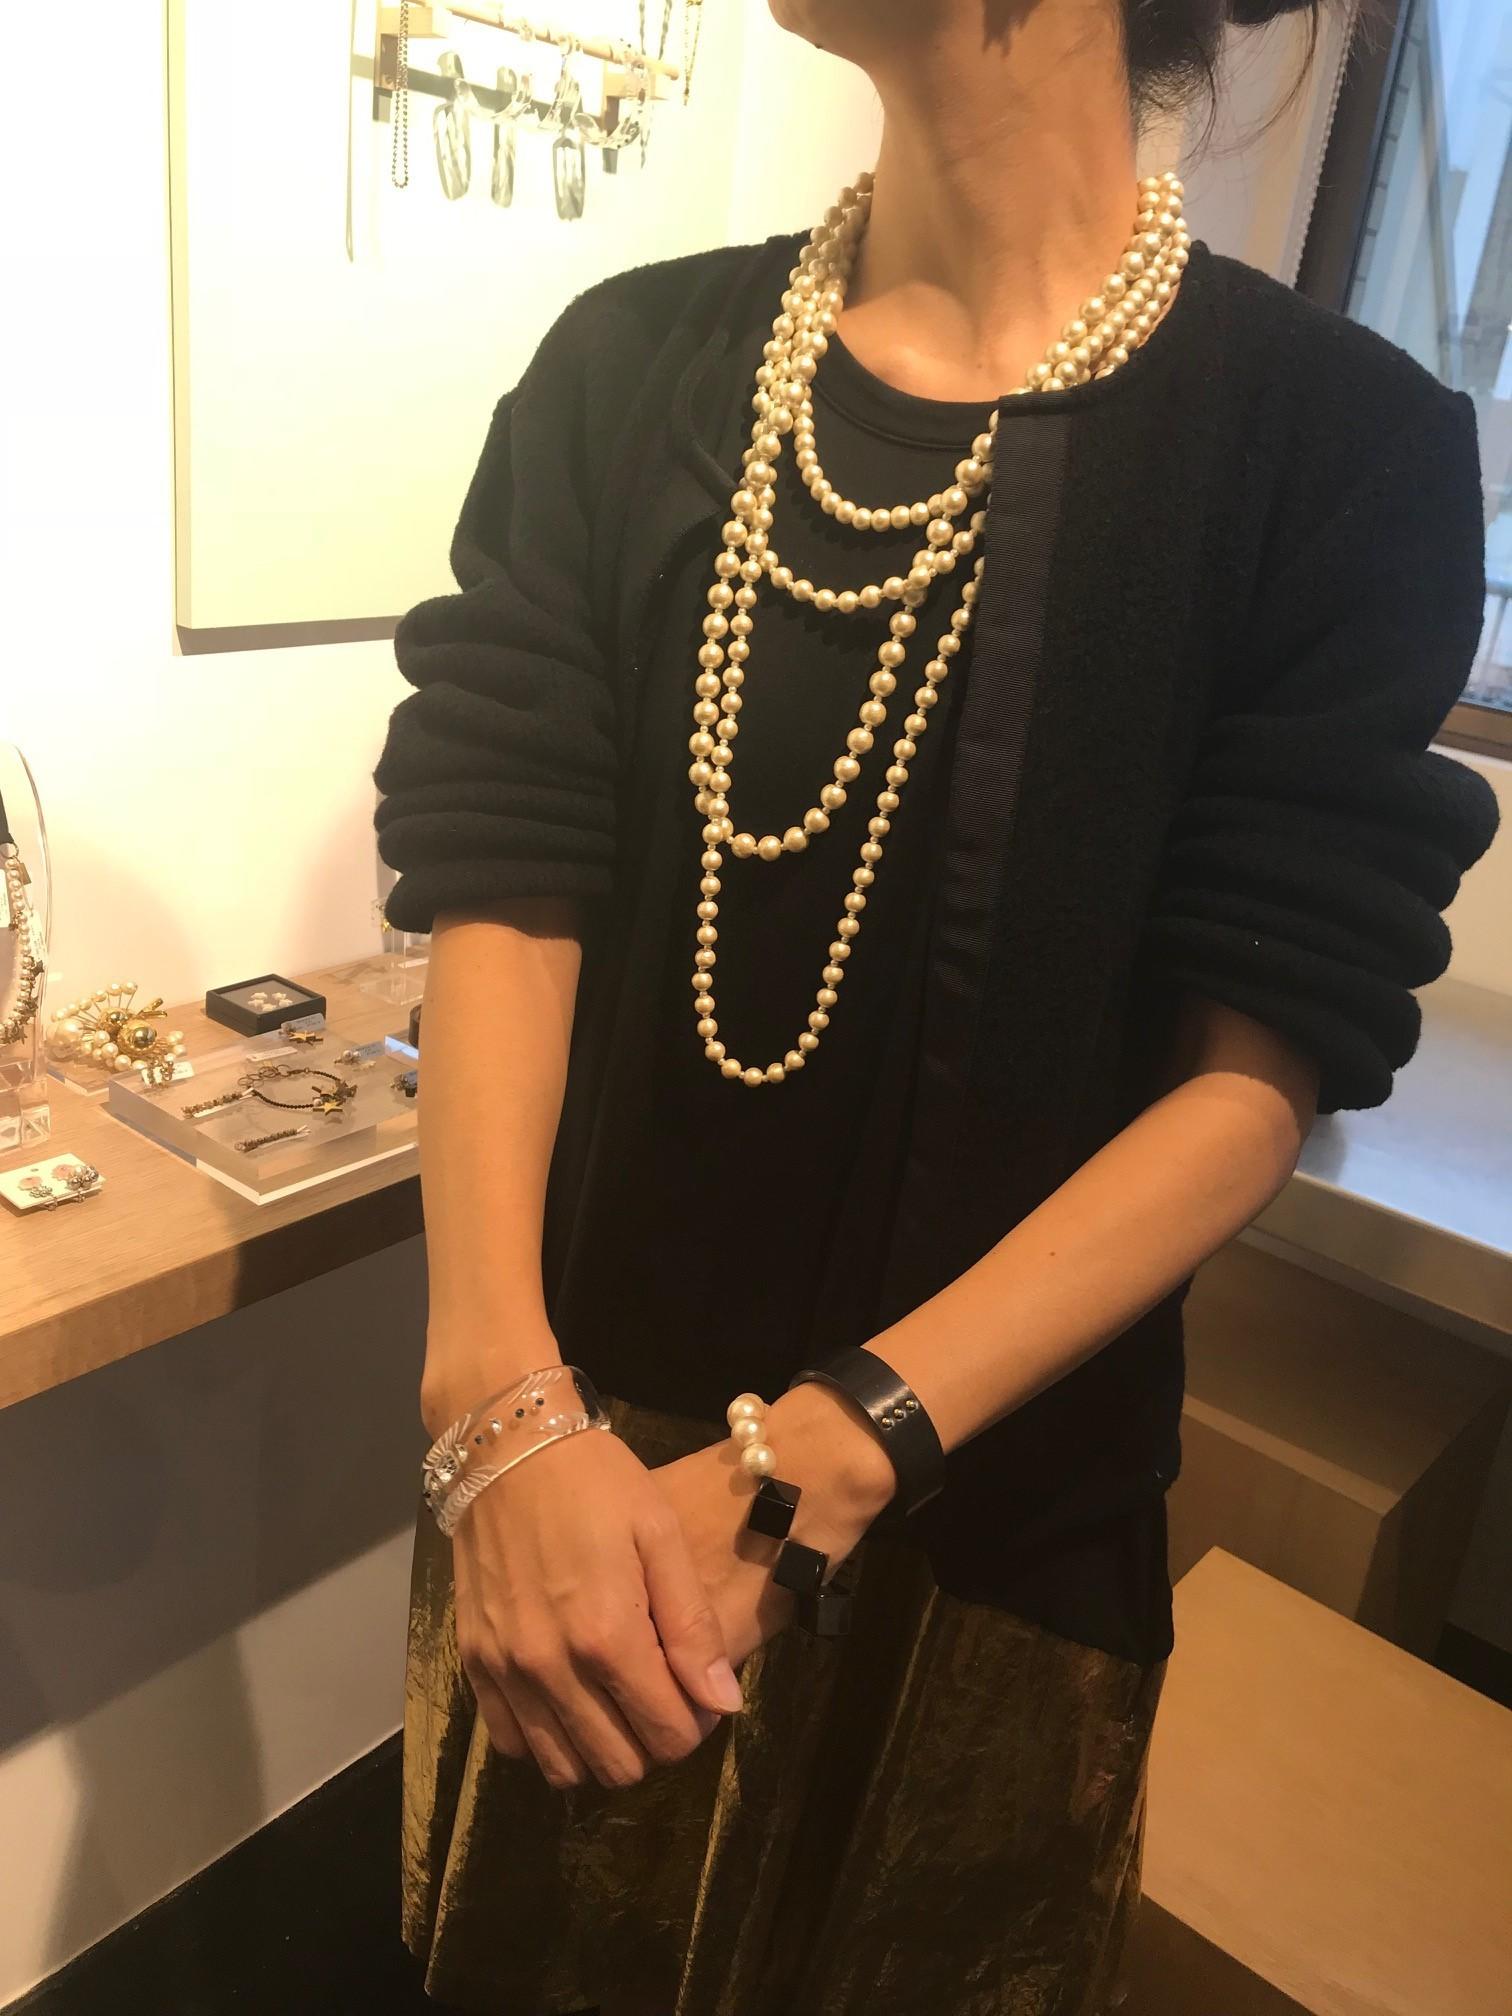 petite robe noire / YOSHIYO 2018春の展示会へ_1_5-1